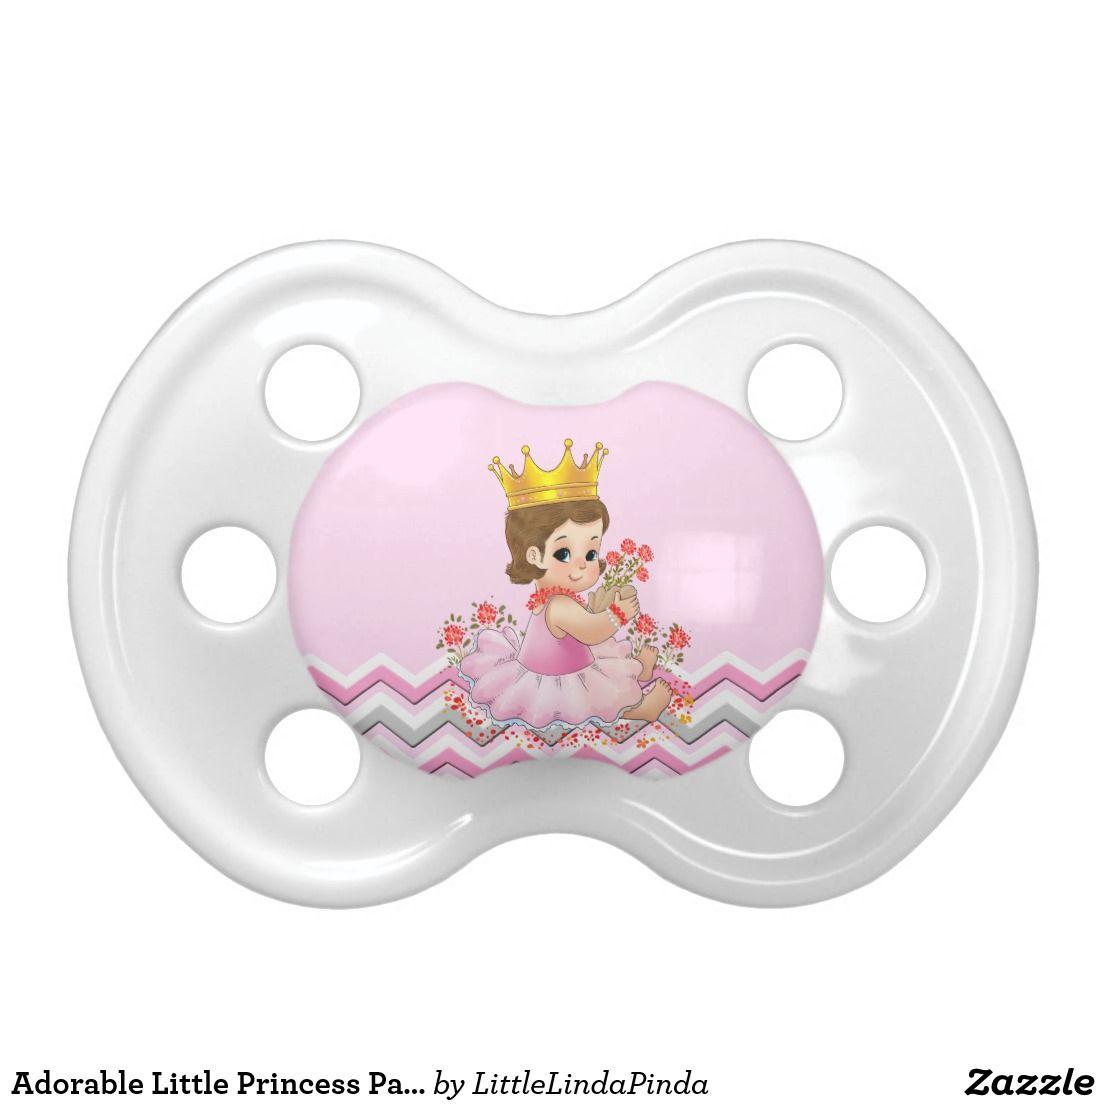 Adorable Little Princess Pacifier